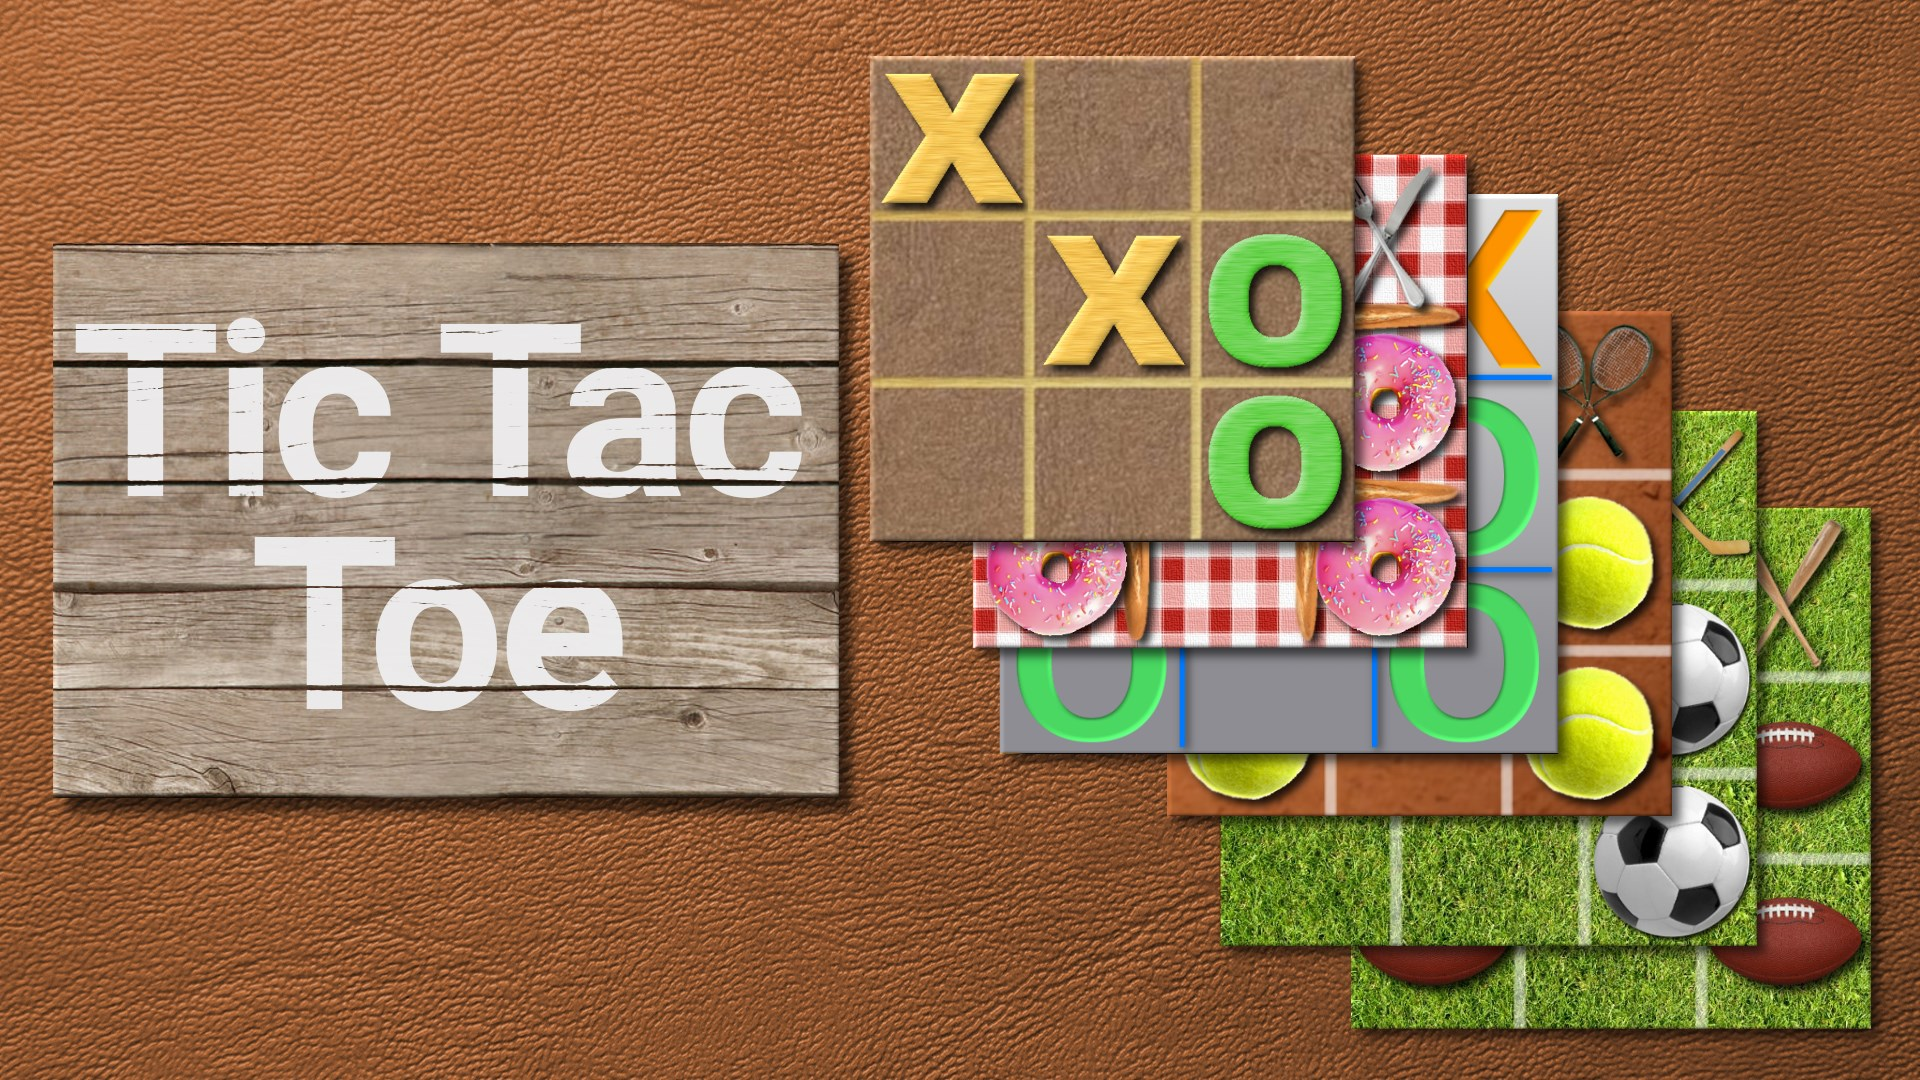 Get Tic Tac Toe